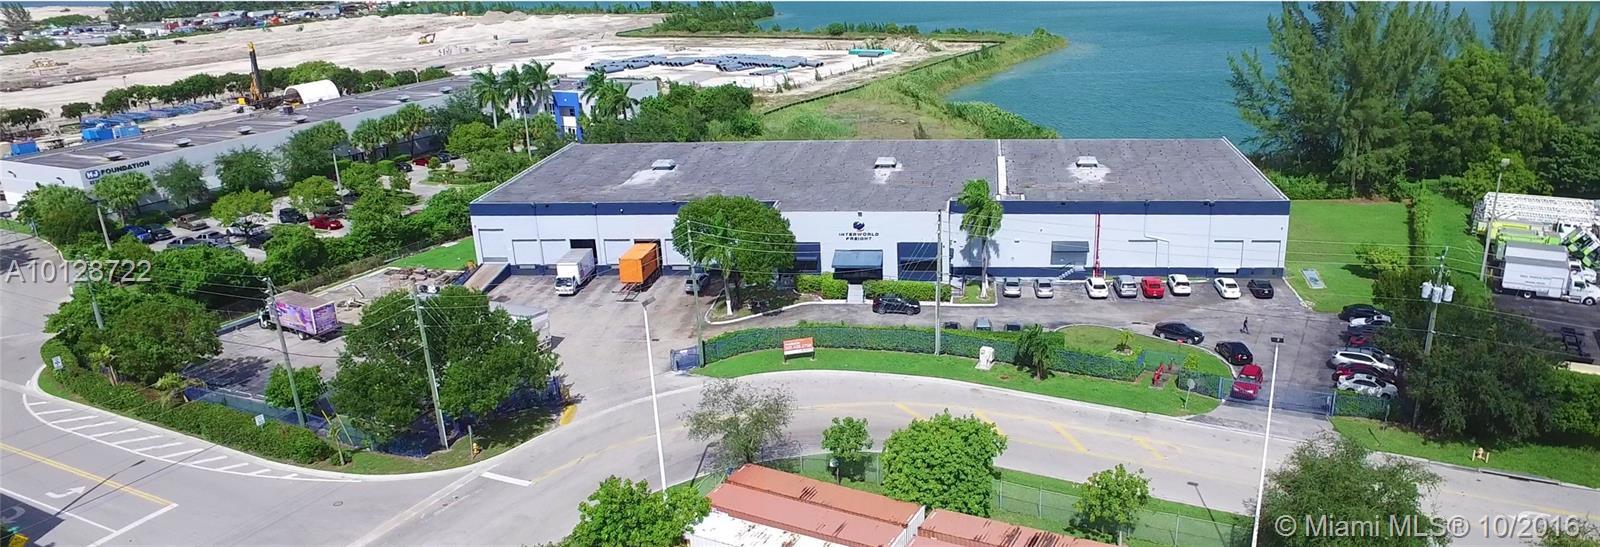 8225 NW 80th St, Miami, FL 33166